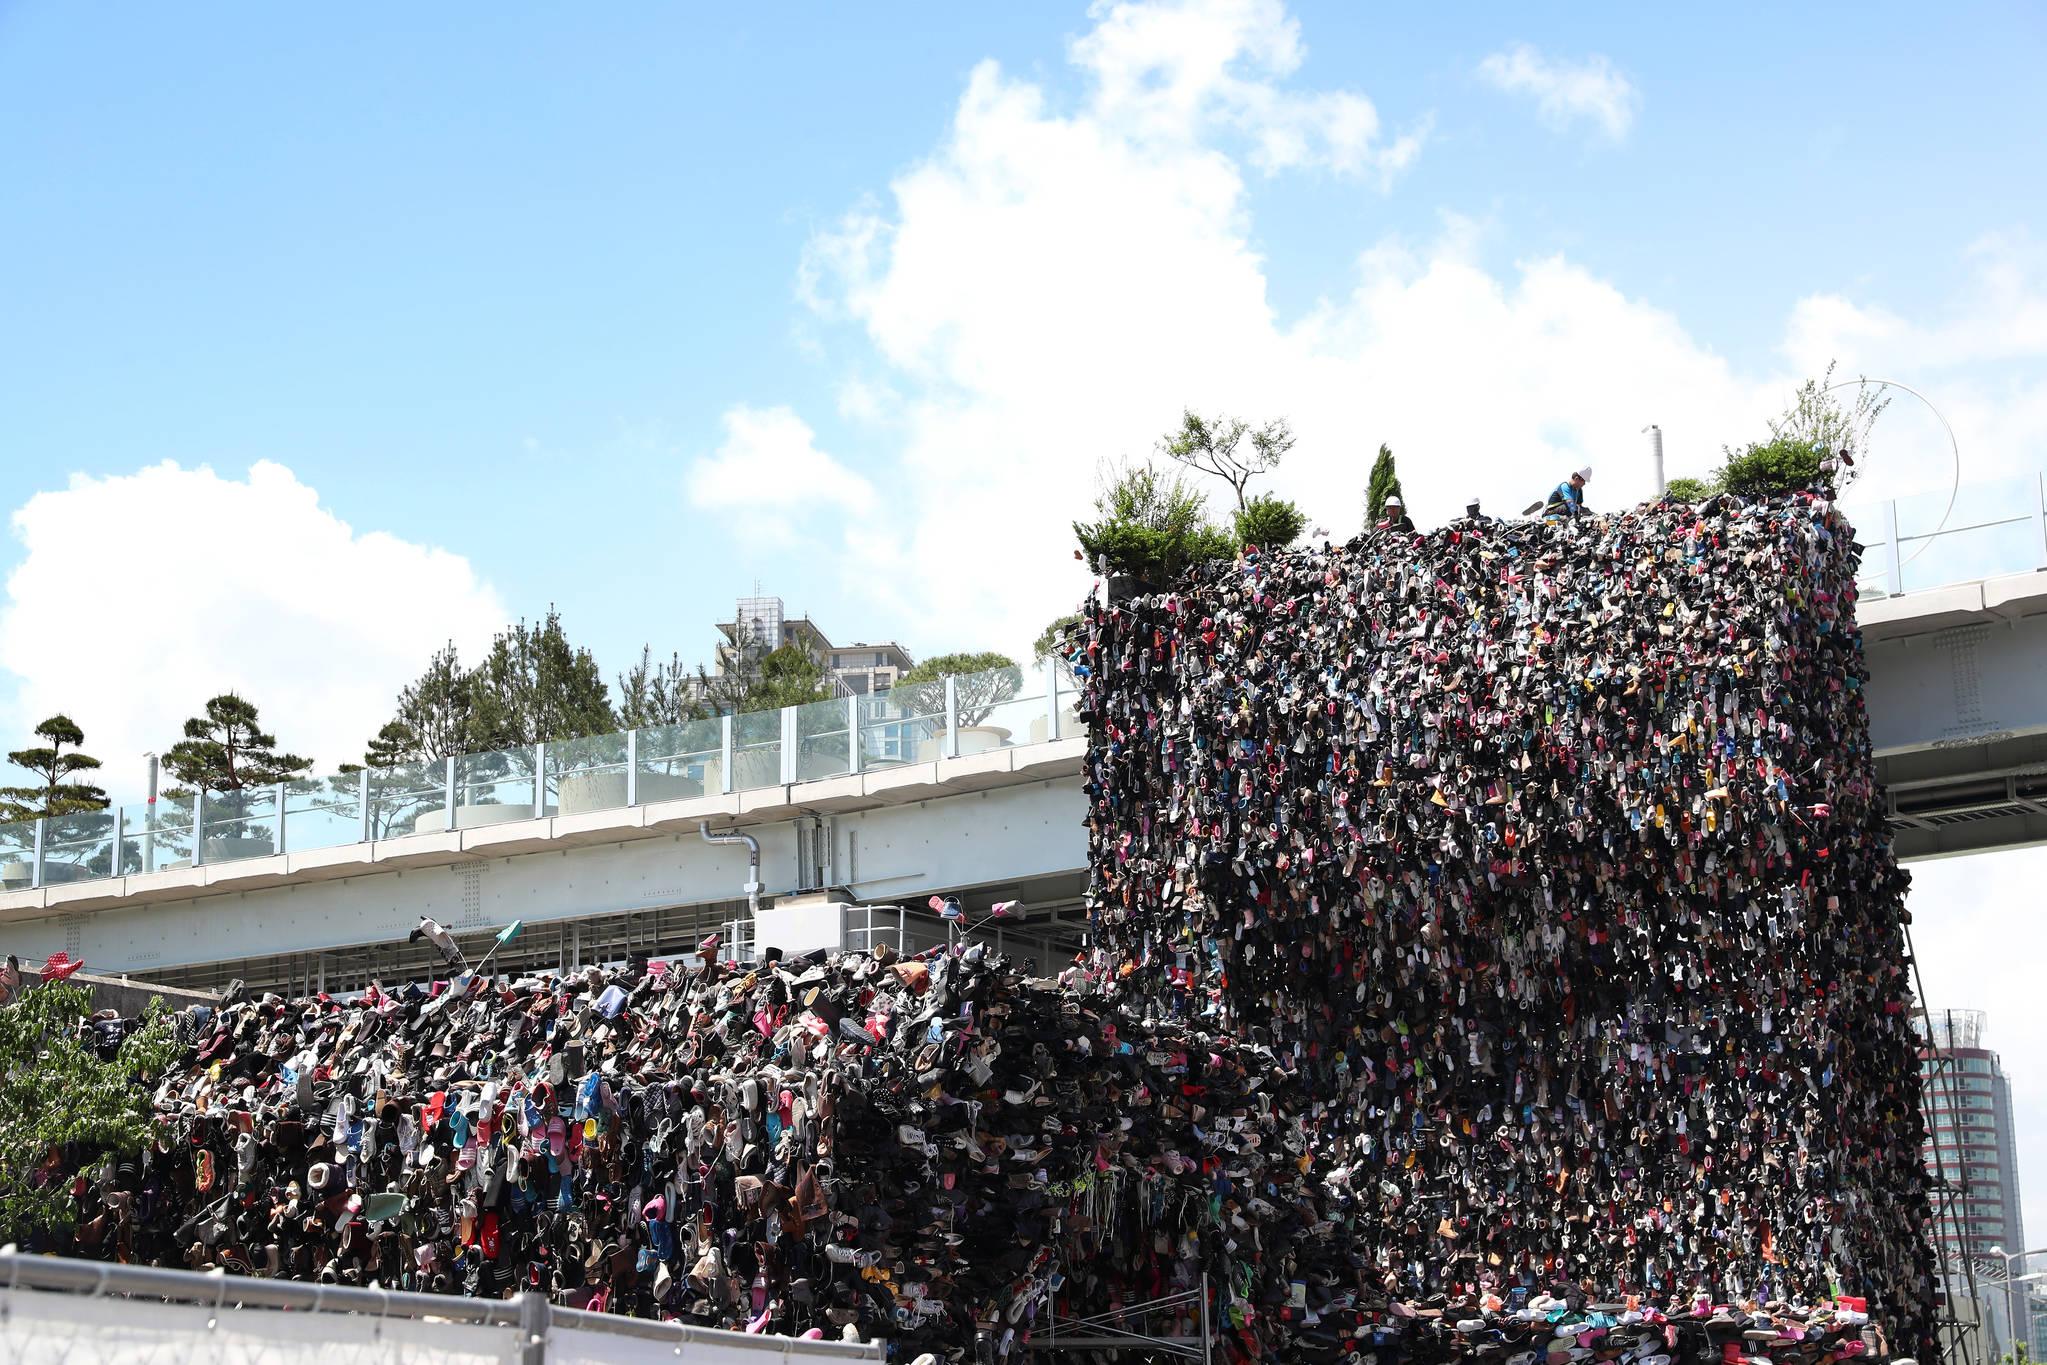 서울로 7017에 14일 황지해 작가의 슈즈트리가 설치되고 있다. 장진영 기자